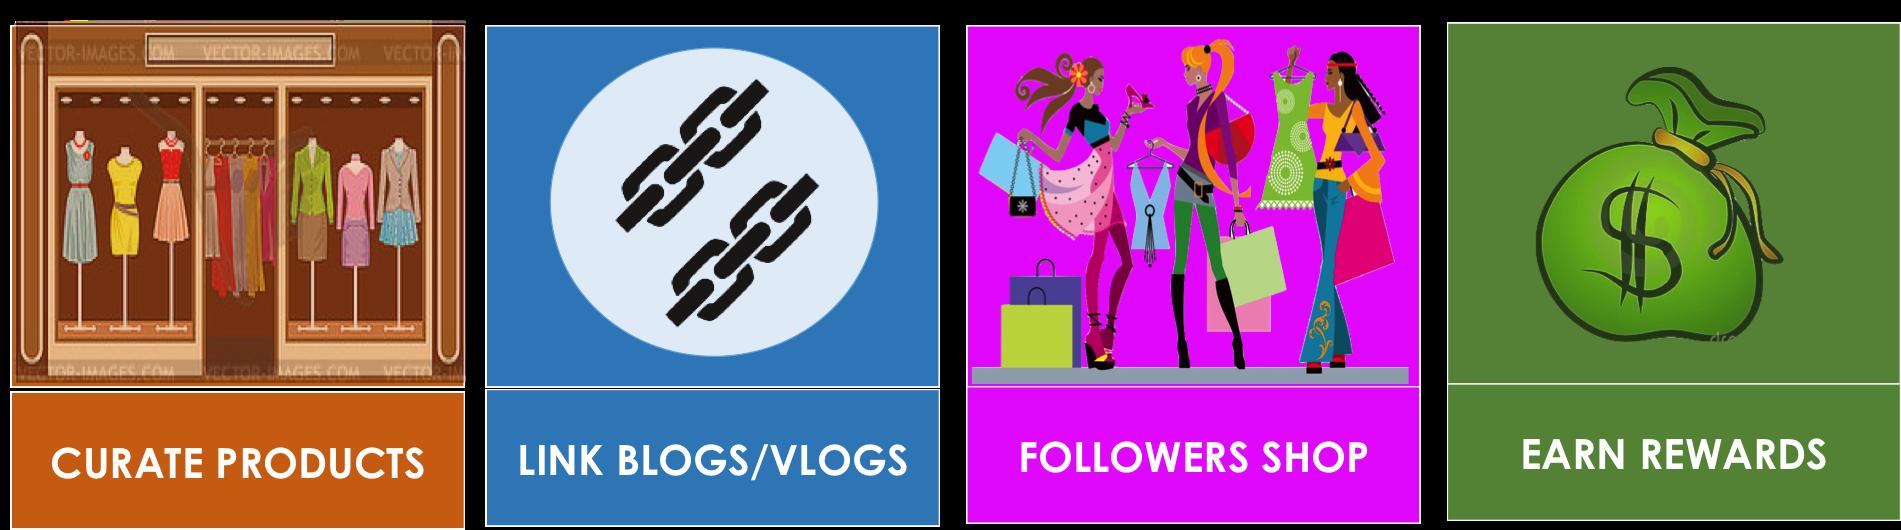 blogger-visual1.png